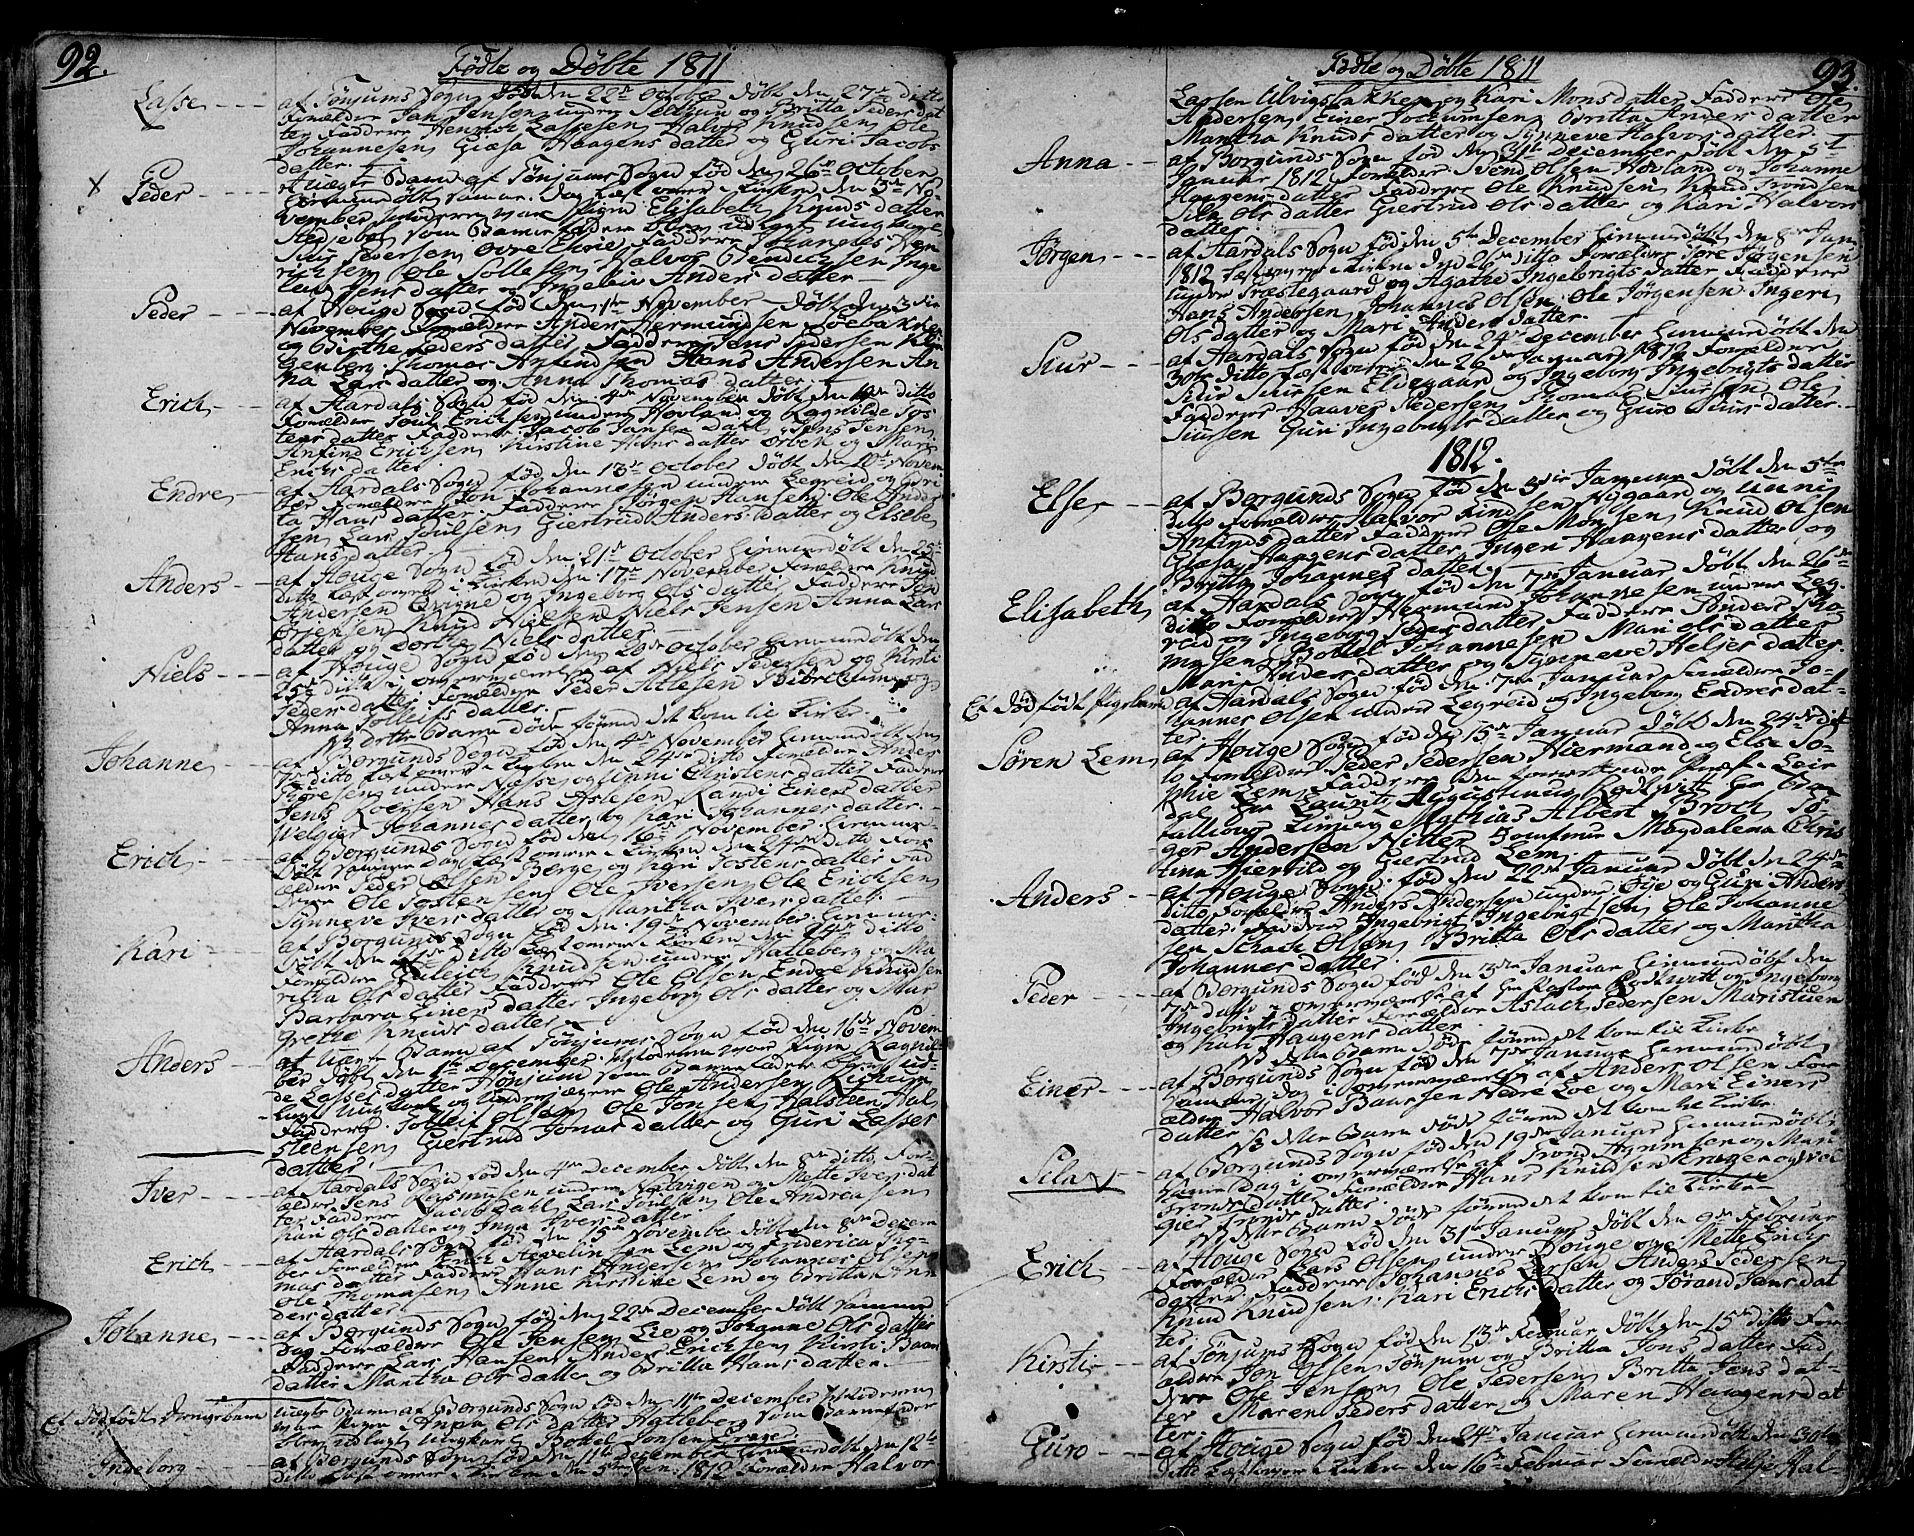 SAB, Lærdal sokneprestembete, Ministerialbok nr. A 4, 1805-1821, s. 92-93